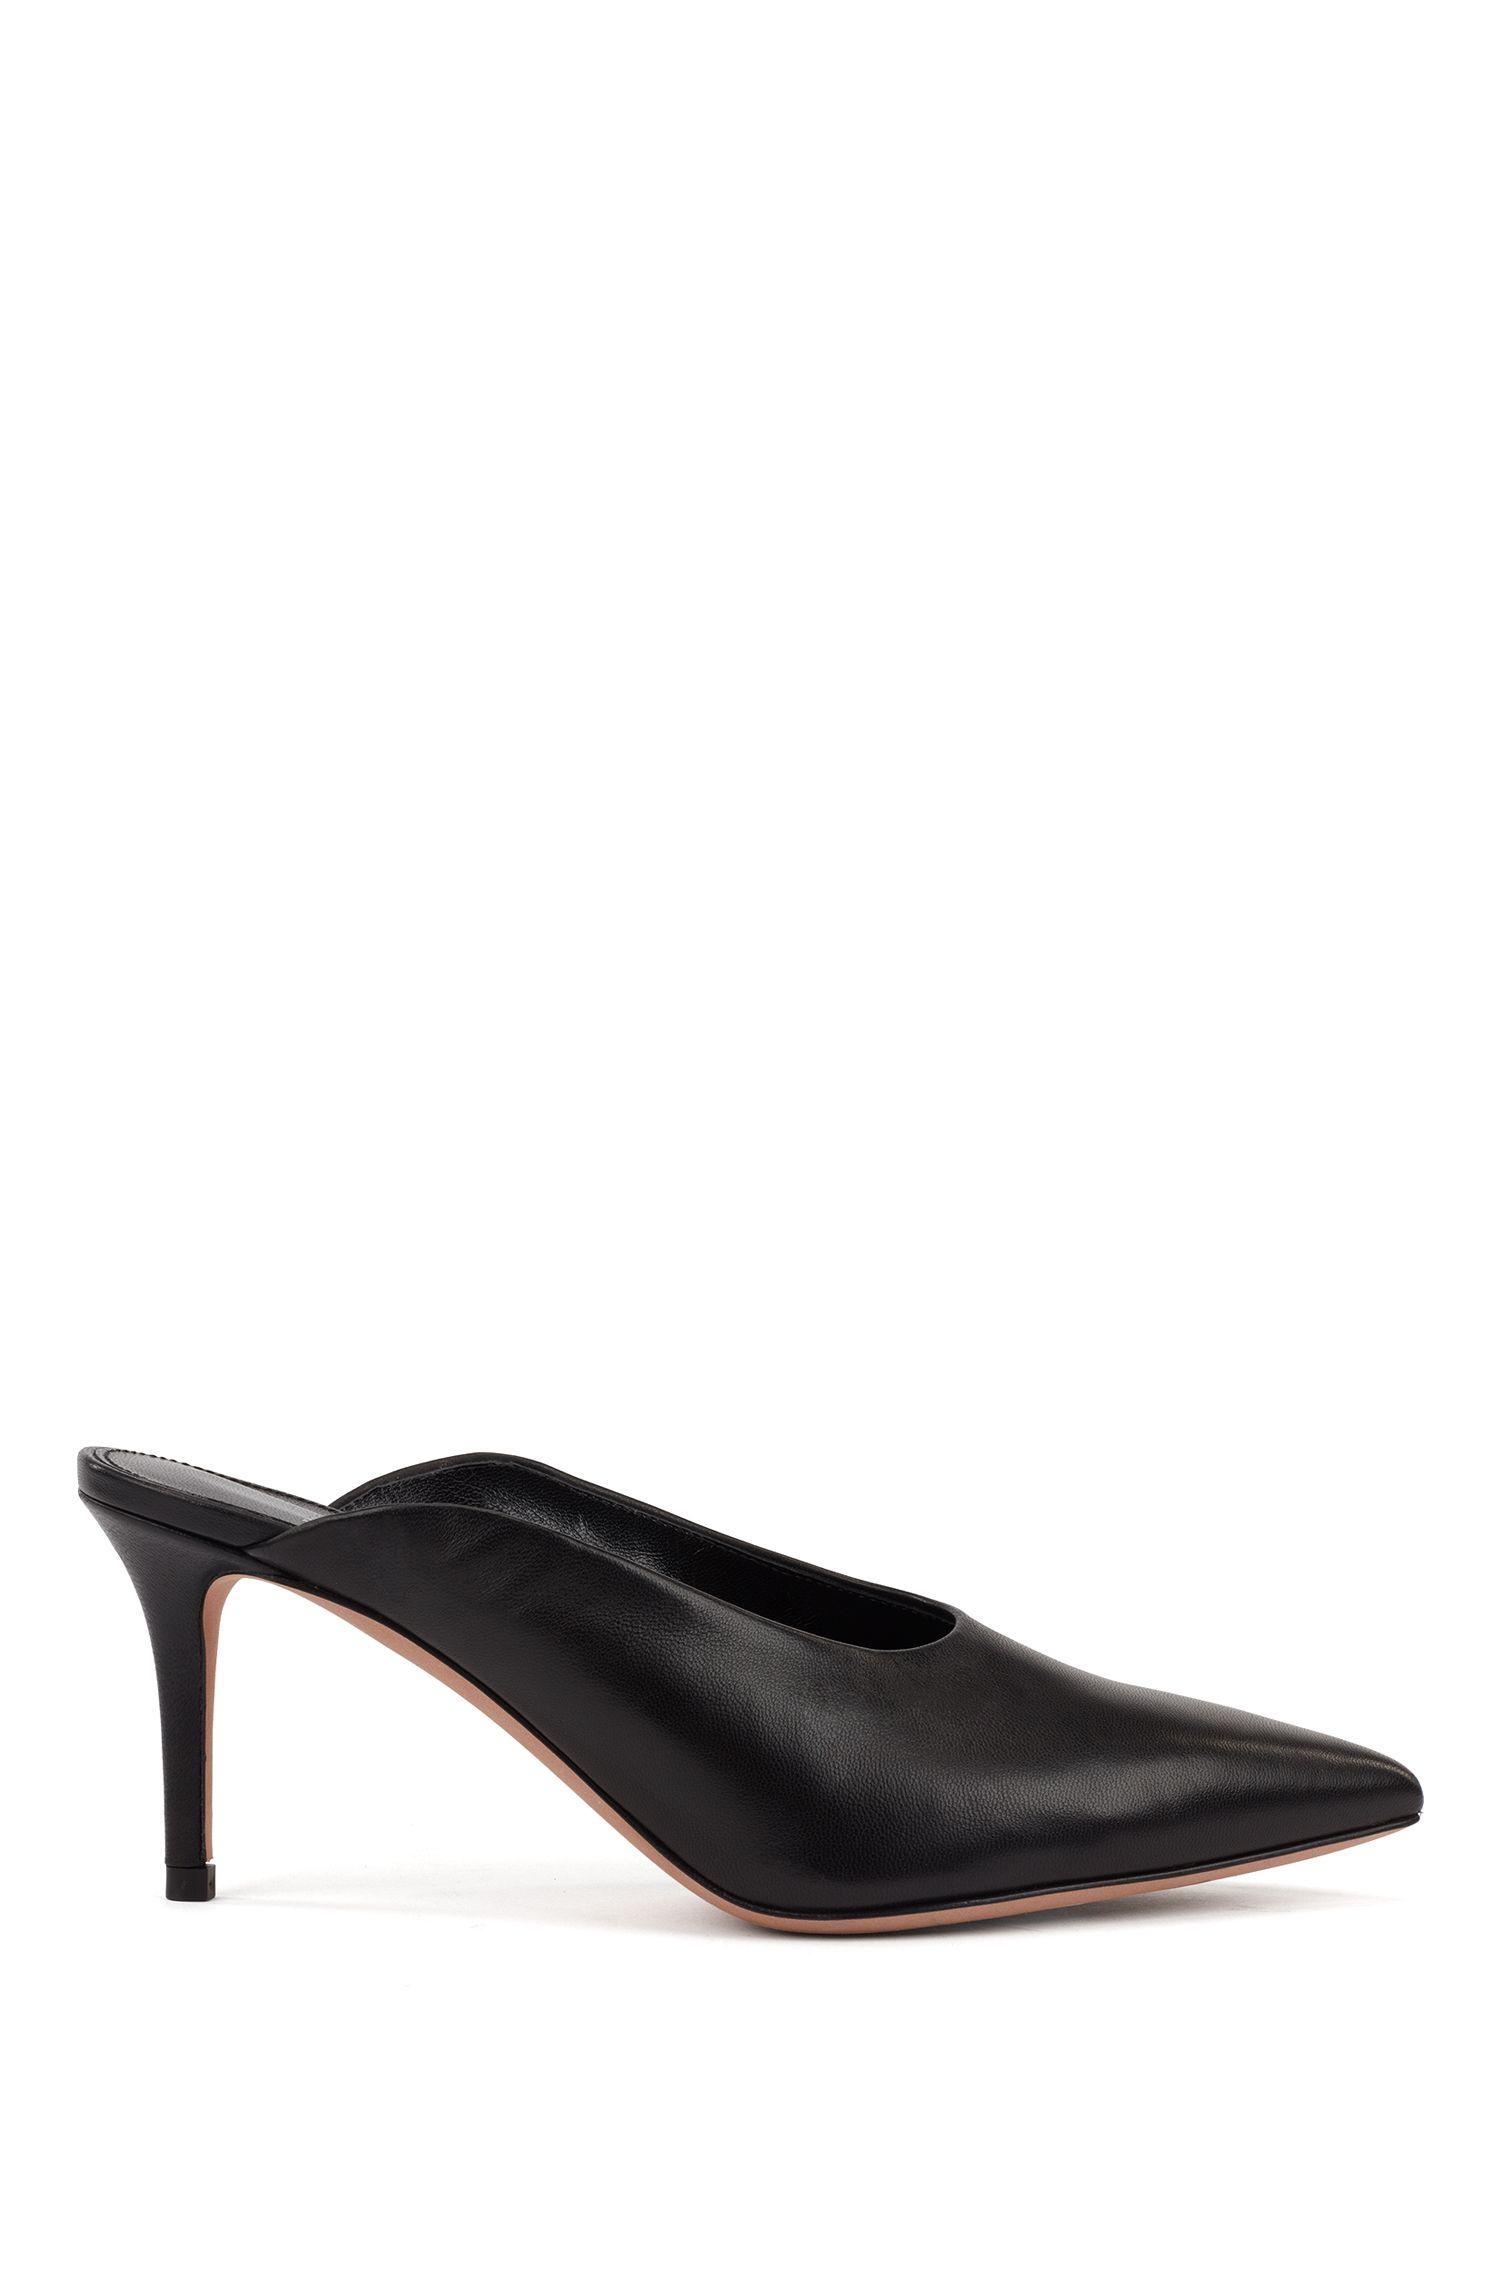 Zapatos mules con tacón de media altura en piel de napa italiana, Negro